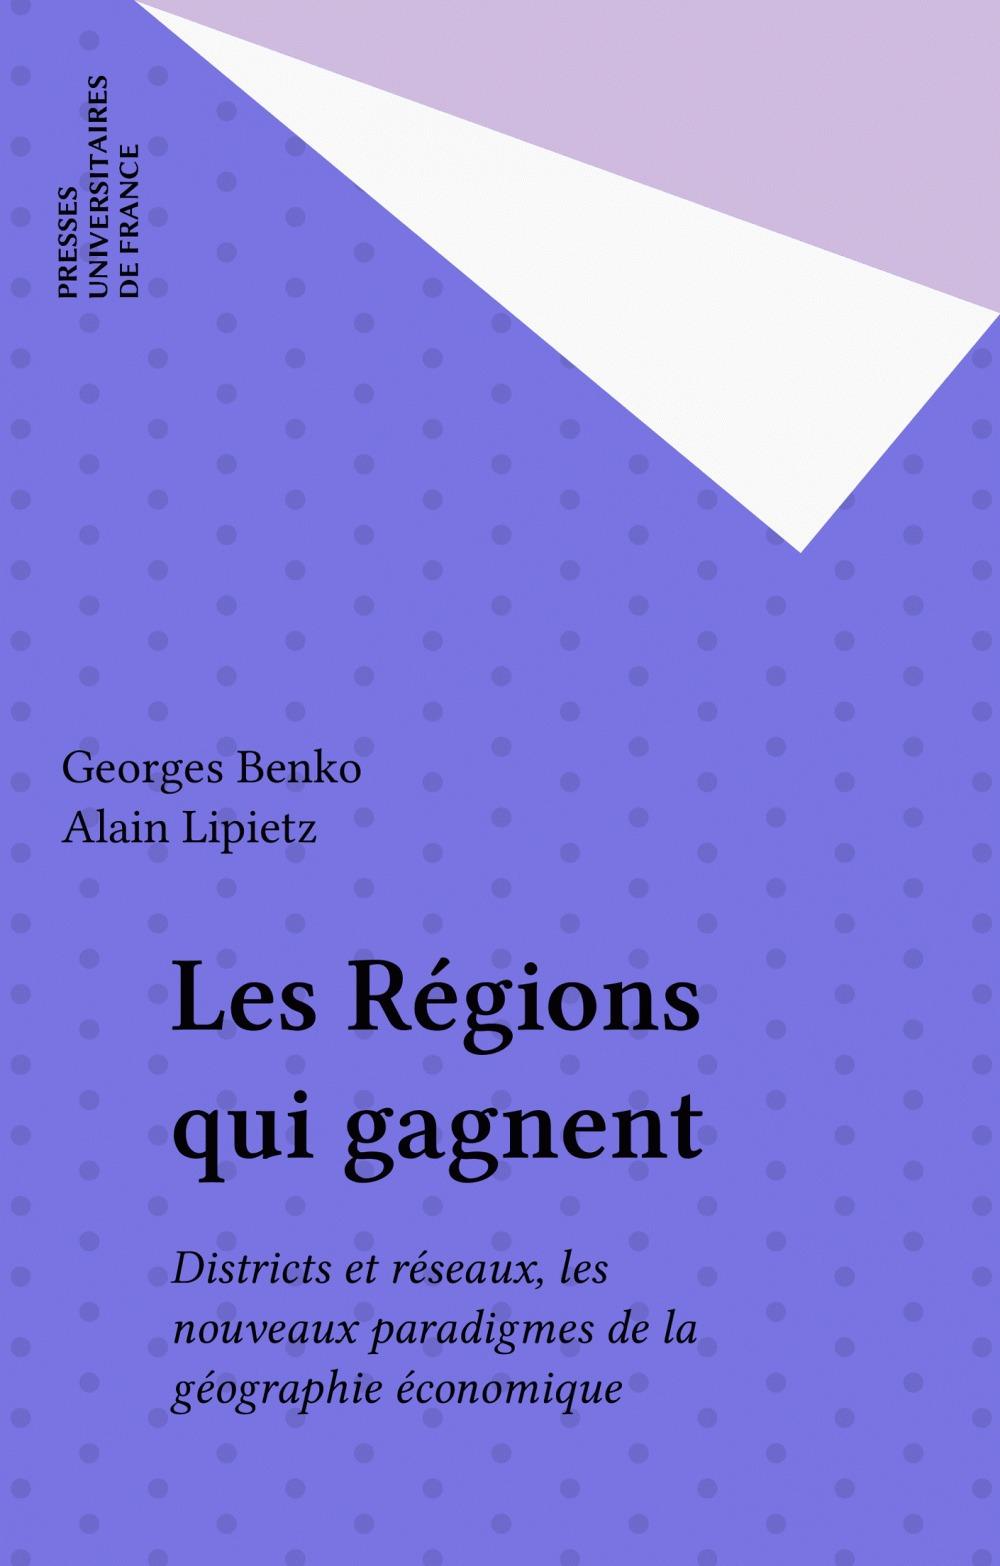 Les regions qui gagnent